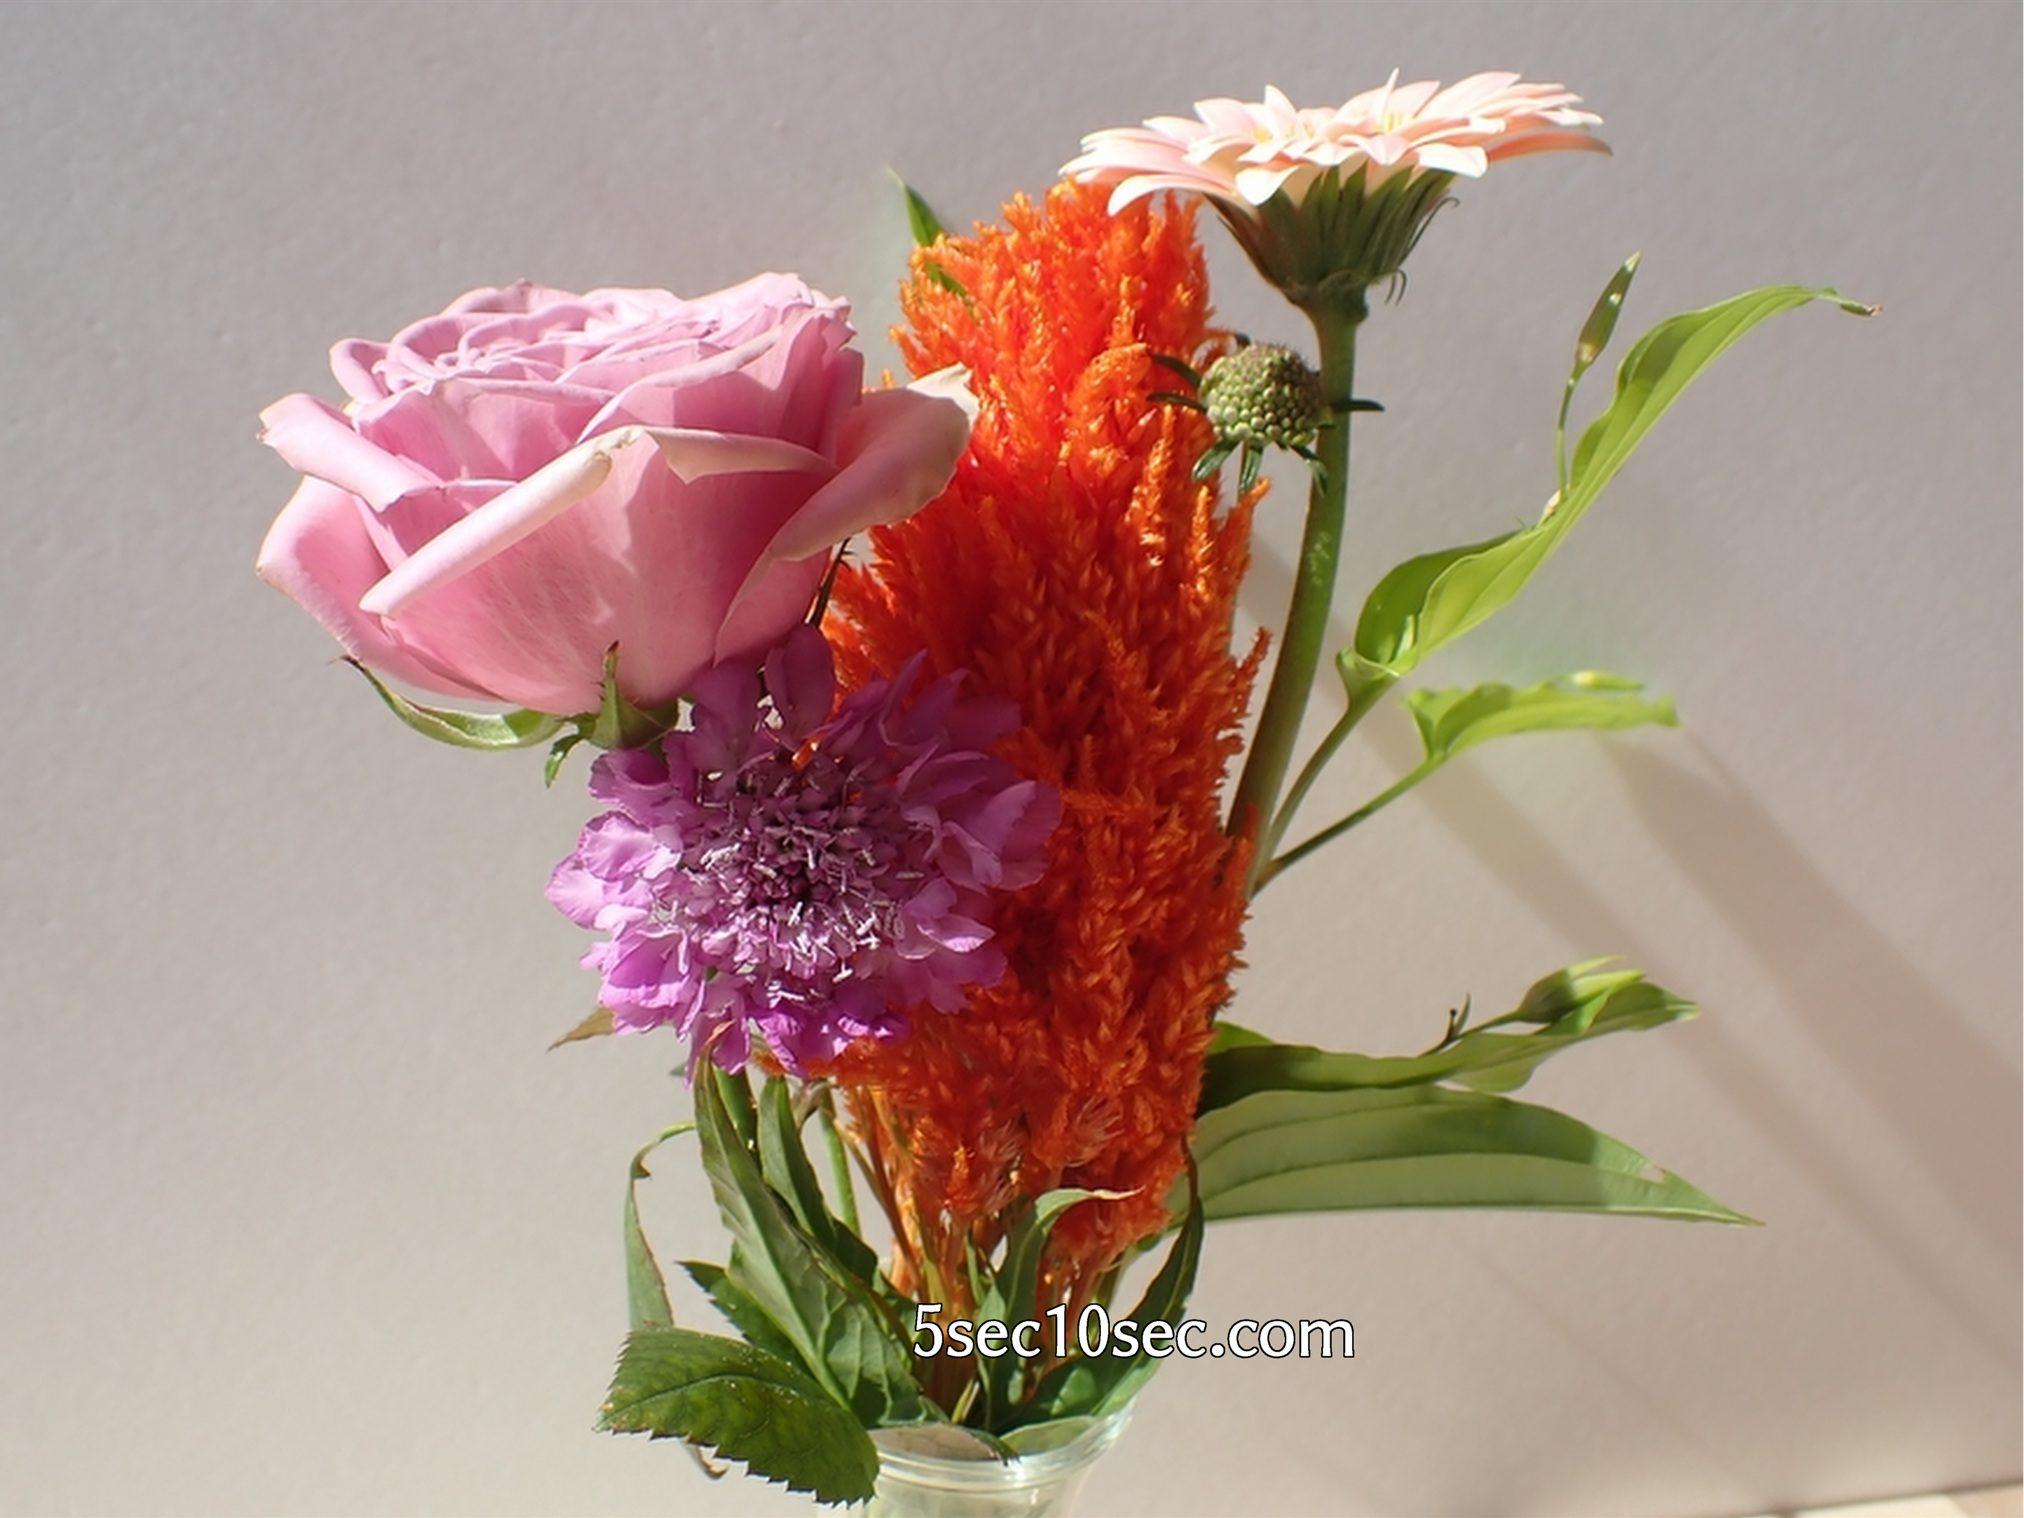 株式会社Crunch Style お花の定期便 Bloomee LIFE ブルーミーライフ レギュラープラン 2日目以上に届いてから3日目のほうが切り花が元気になっていく印象でした